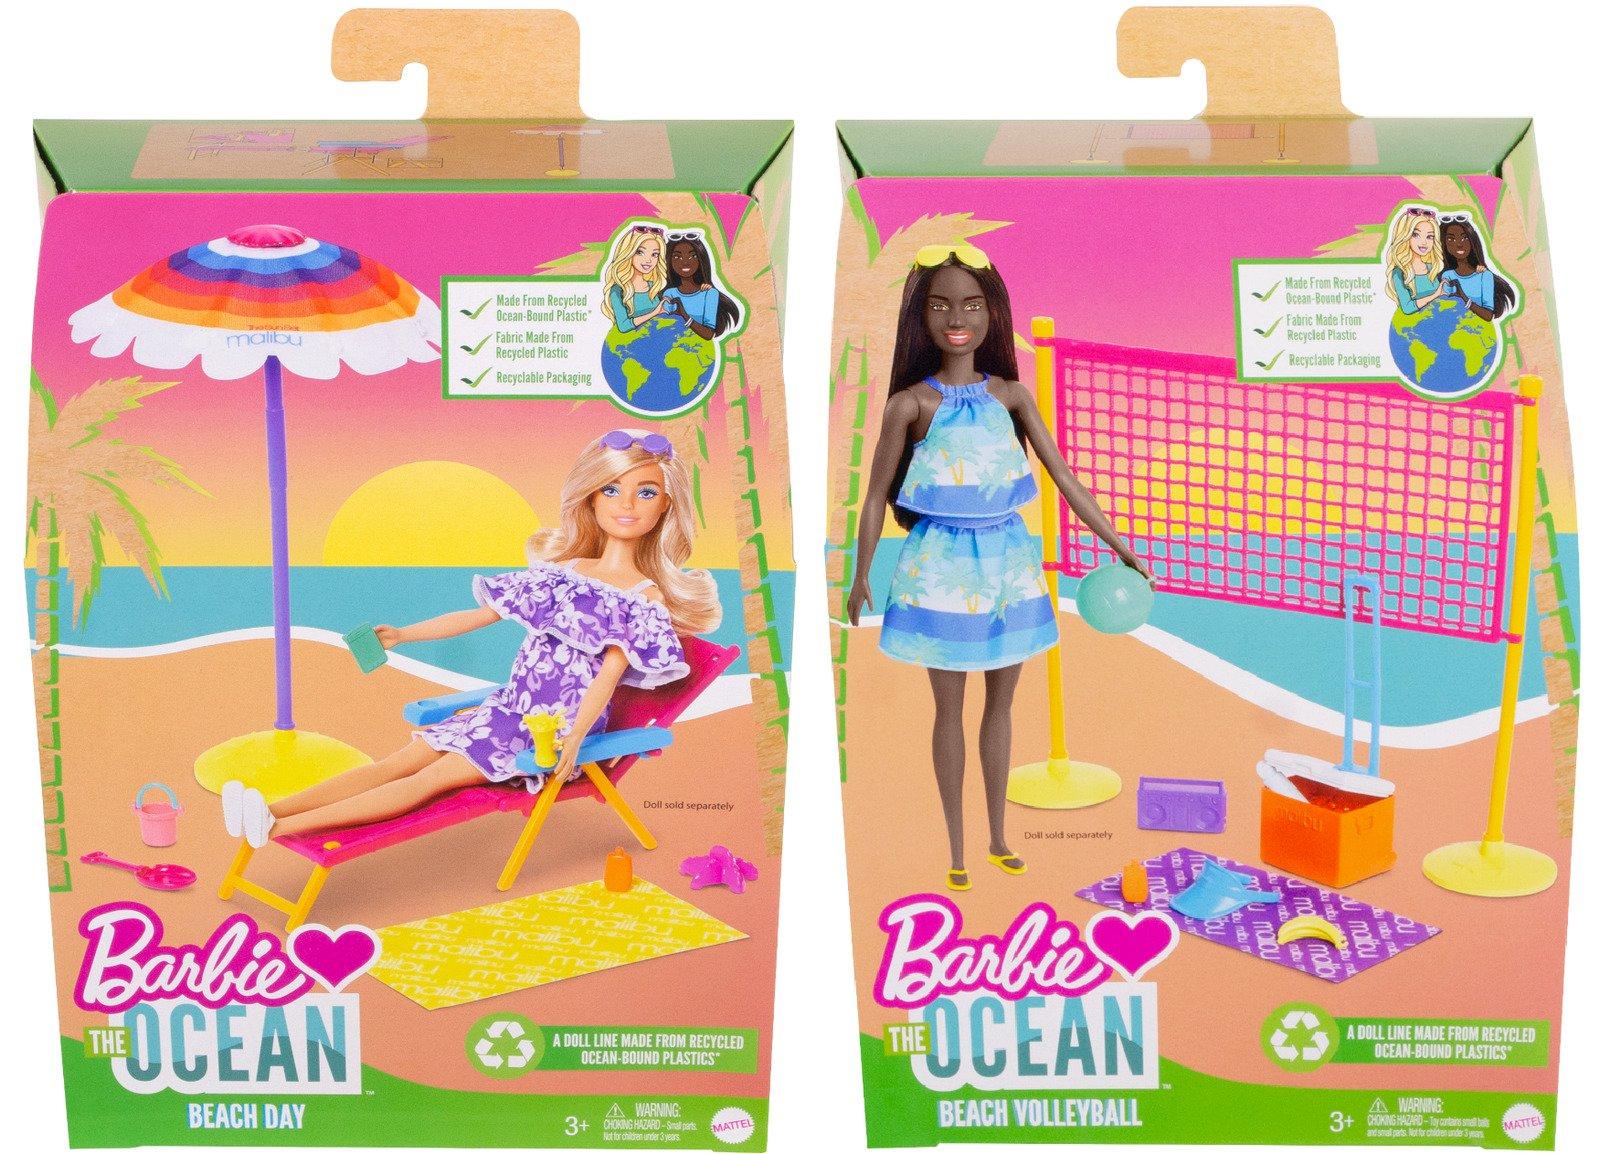 barbie- embed 1.jpg